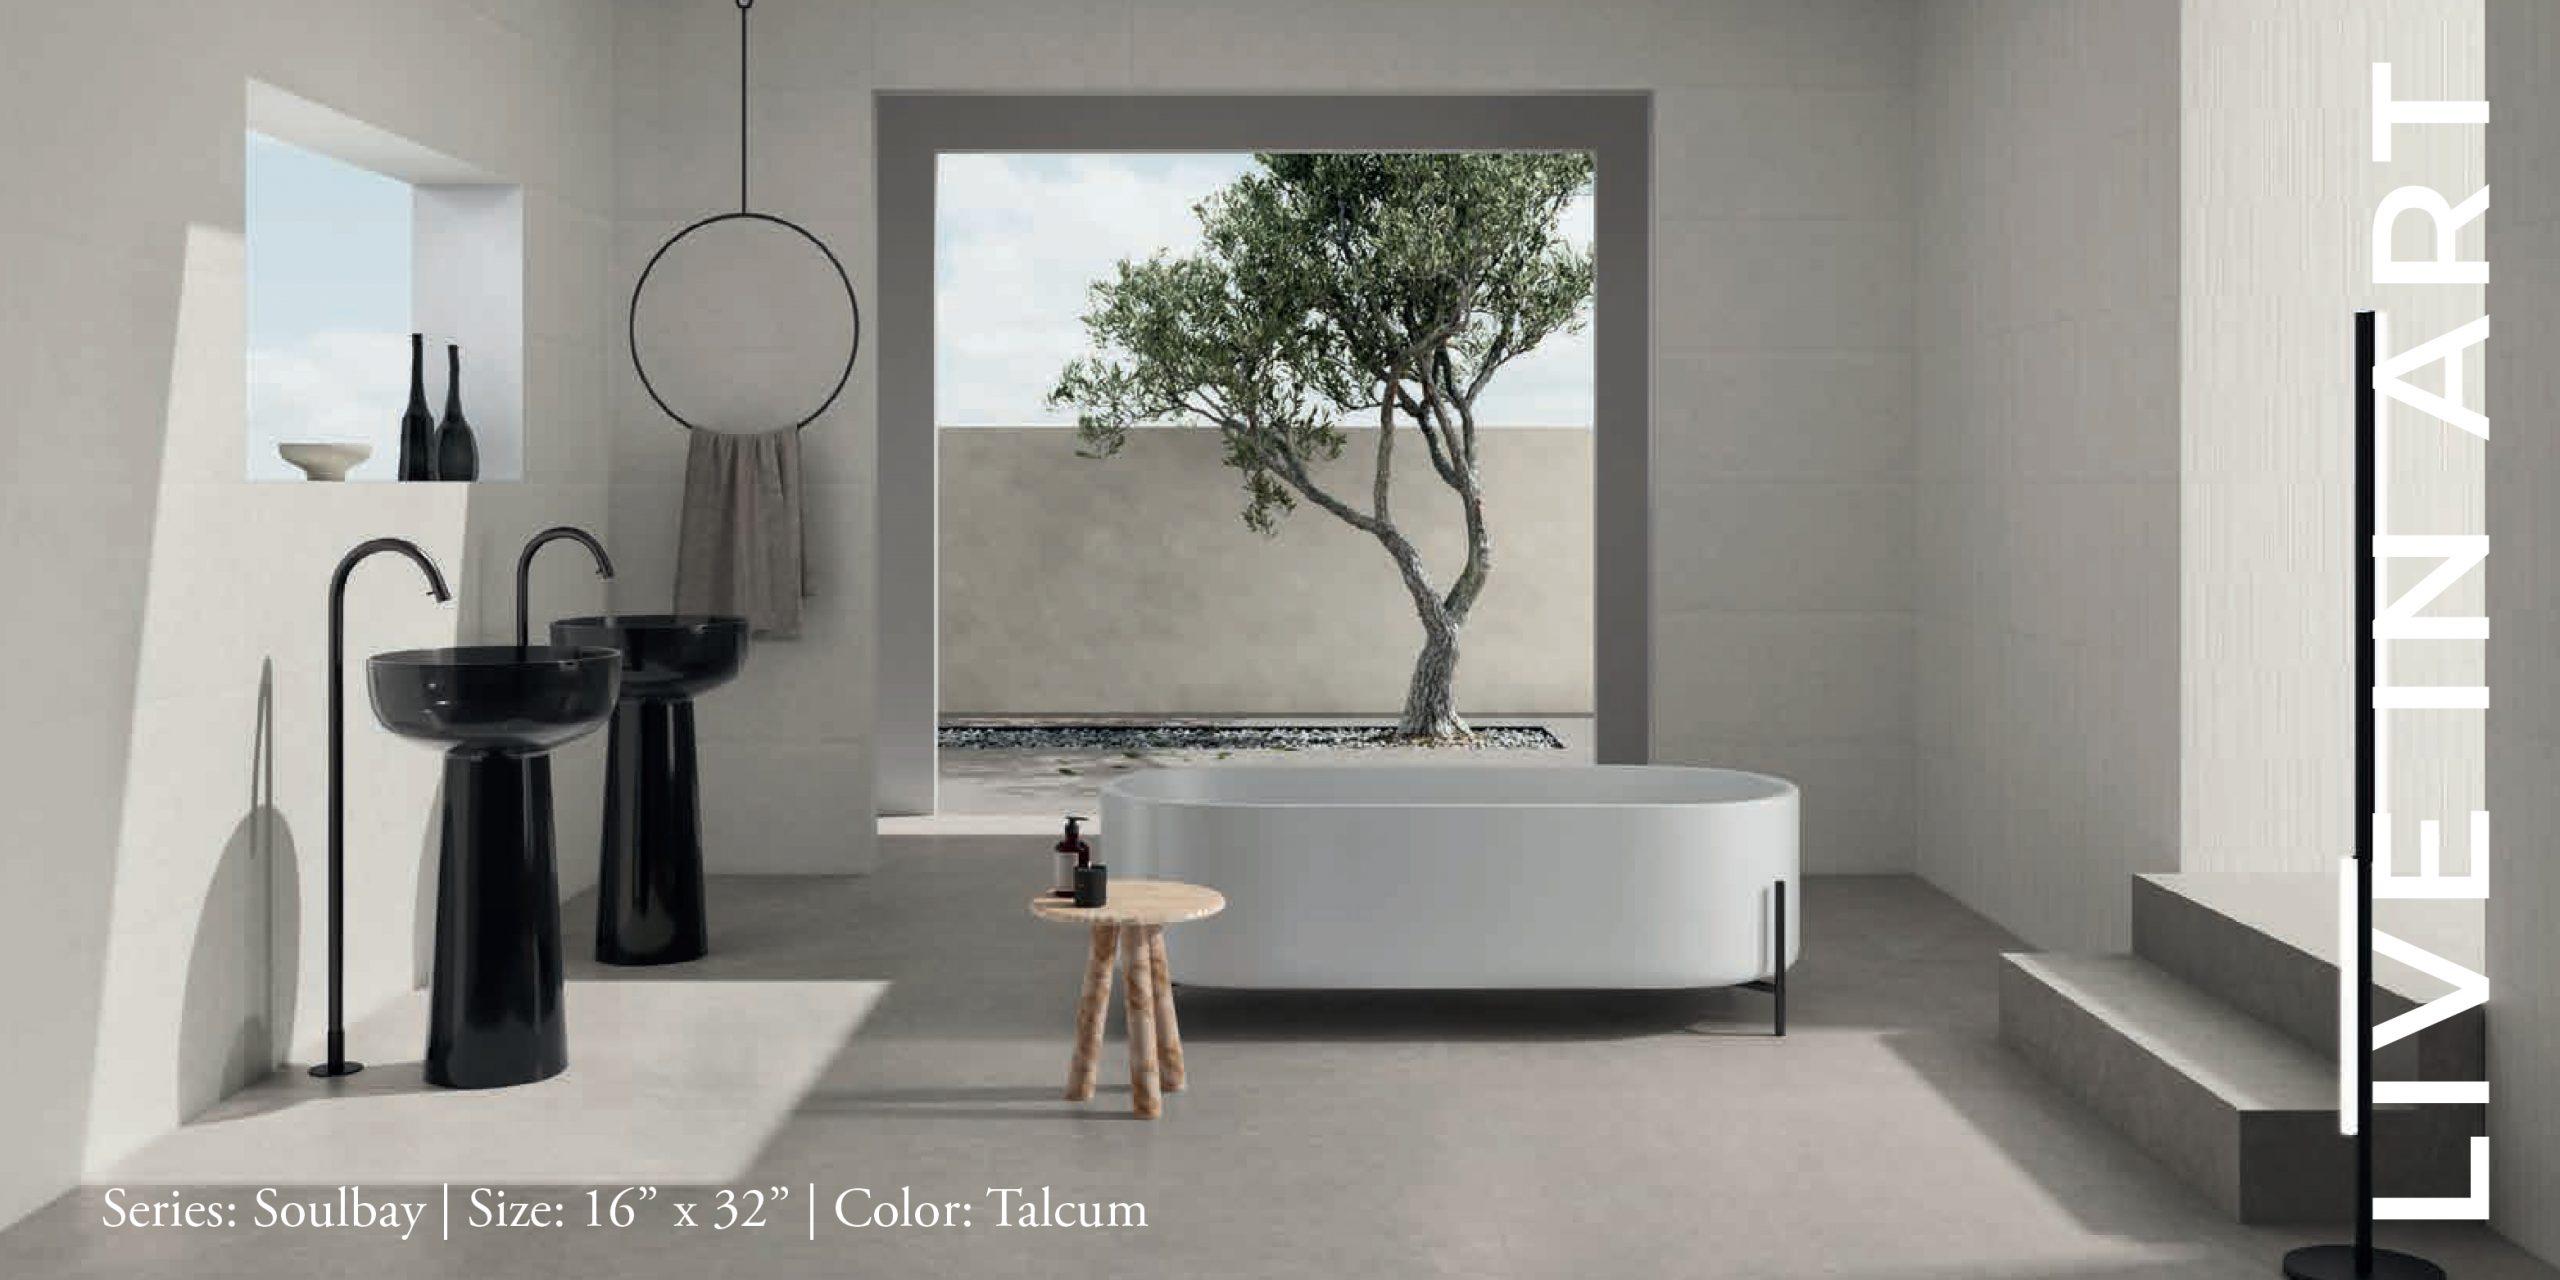 Soulbay Talcum 16x32